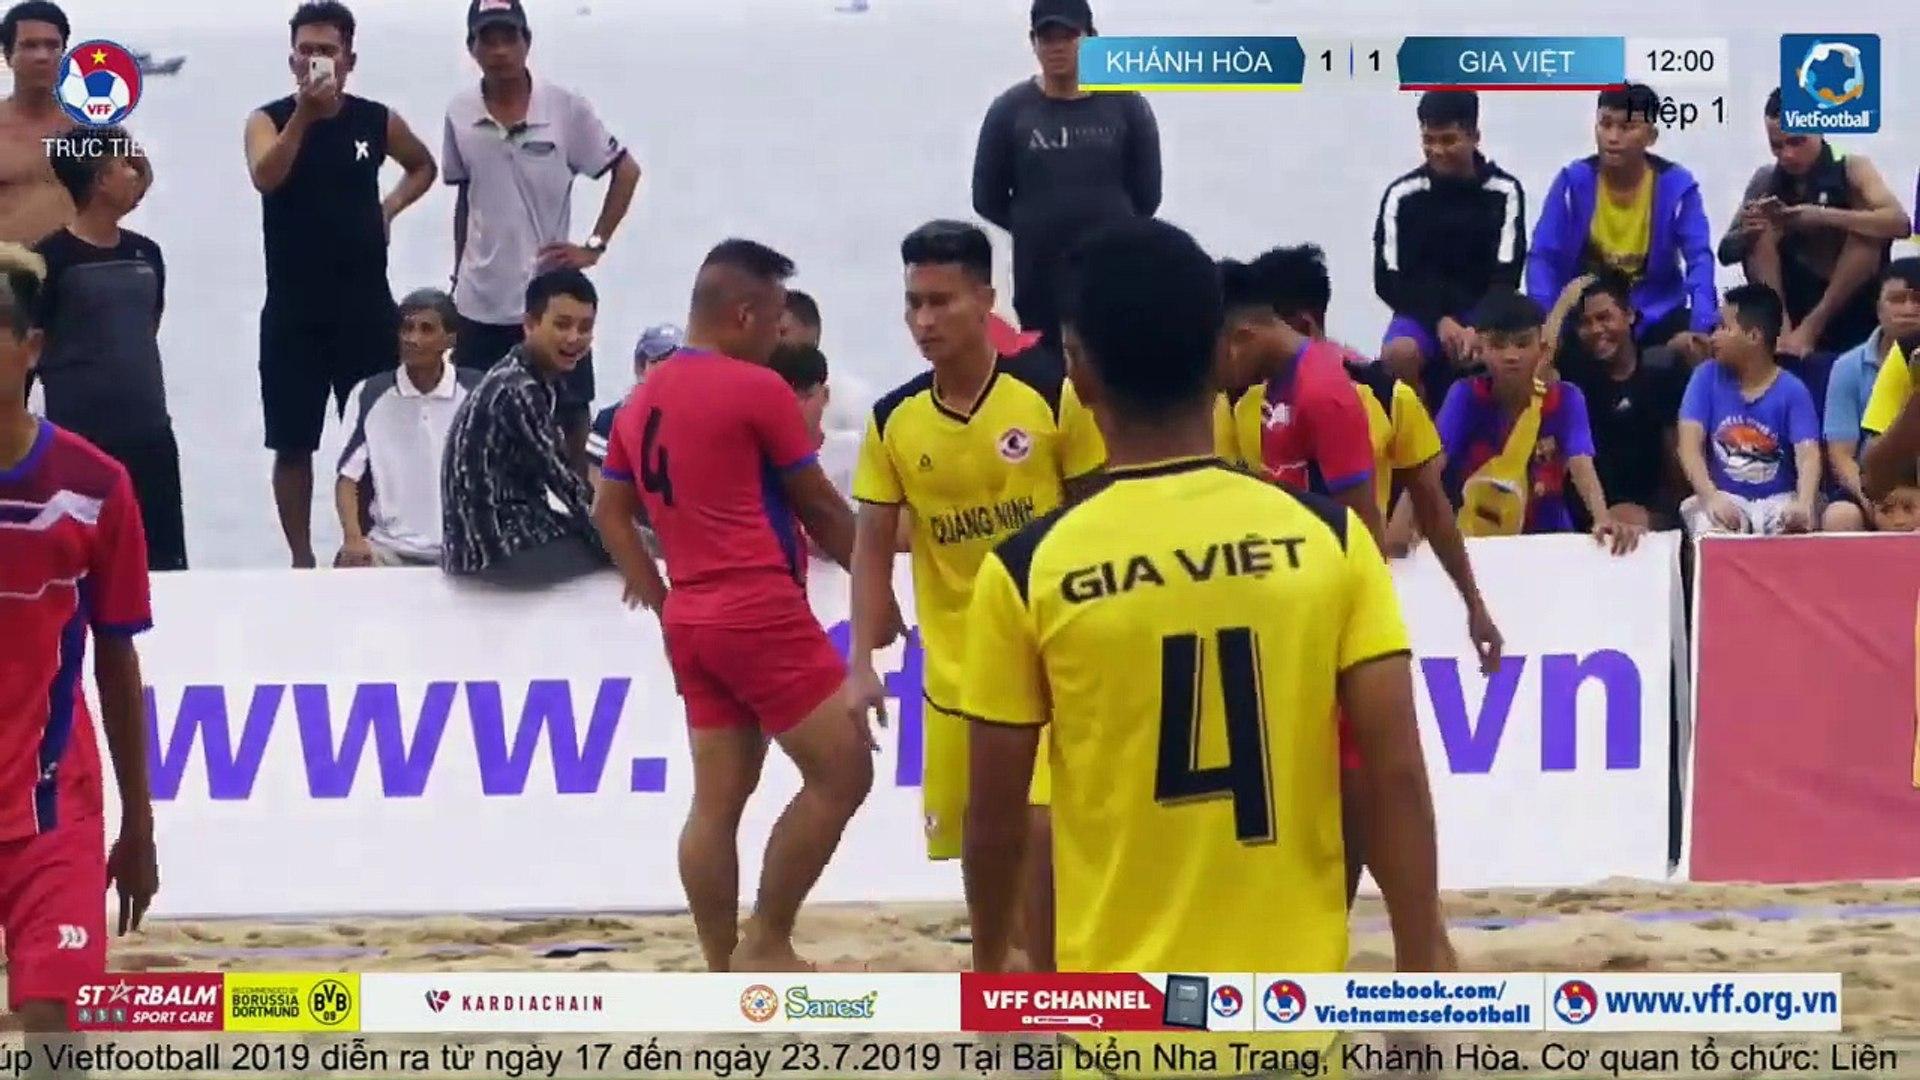 TRỰC TIẾP | KHÁNH HÒA - GIA VIỆT | Giải bóng đá Bãi biển Vô địch Quốc gia | VFF Channel